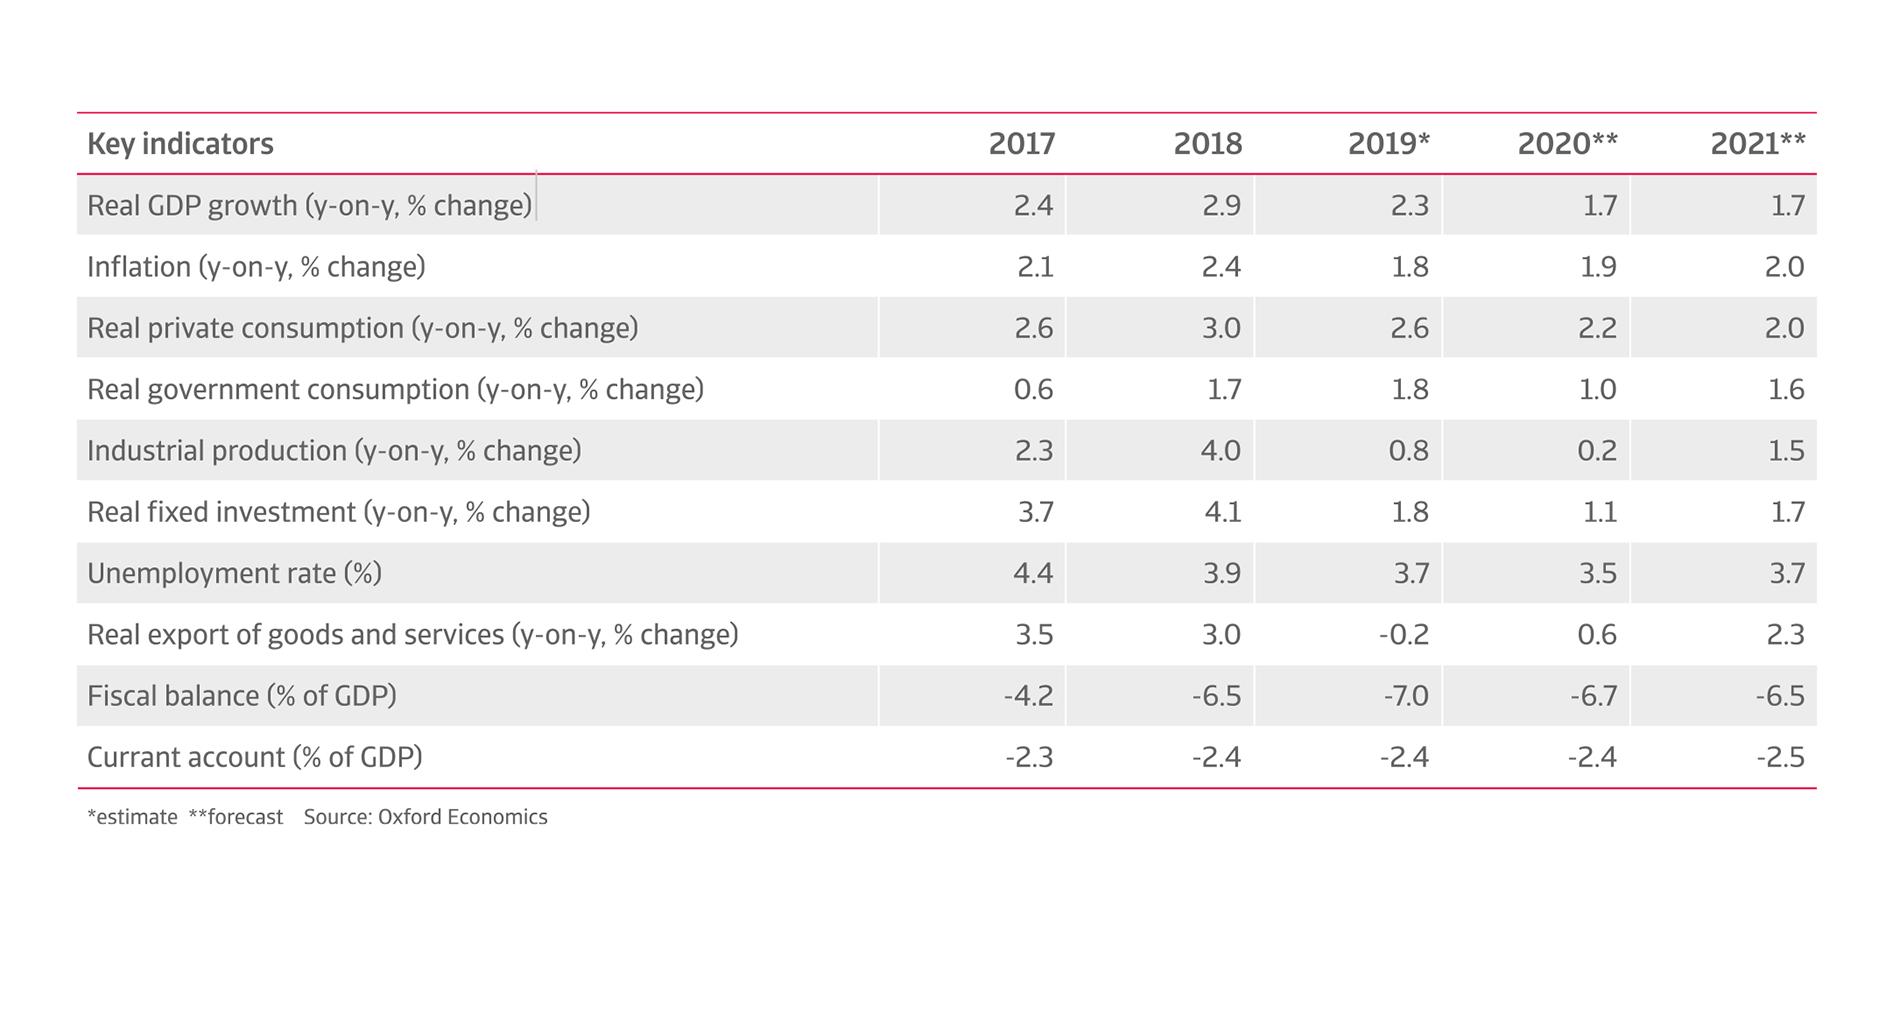 Key indicators of US economy